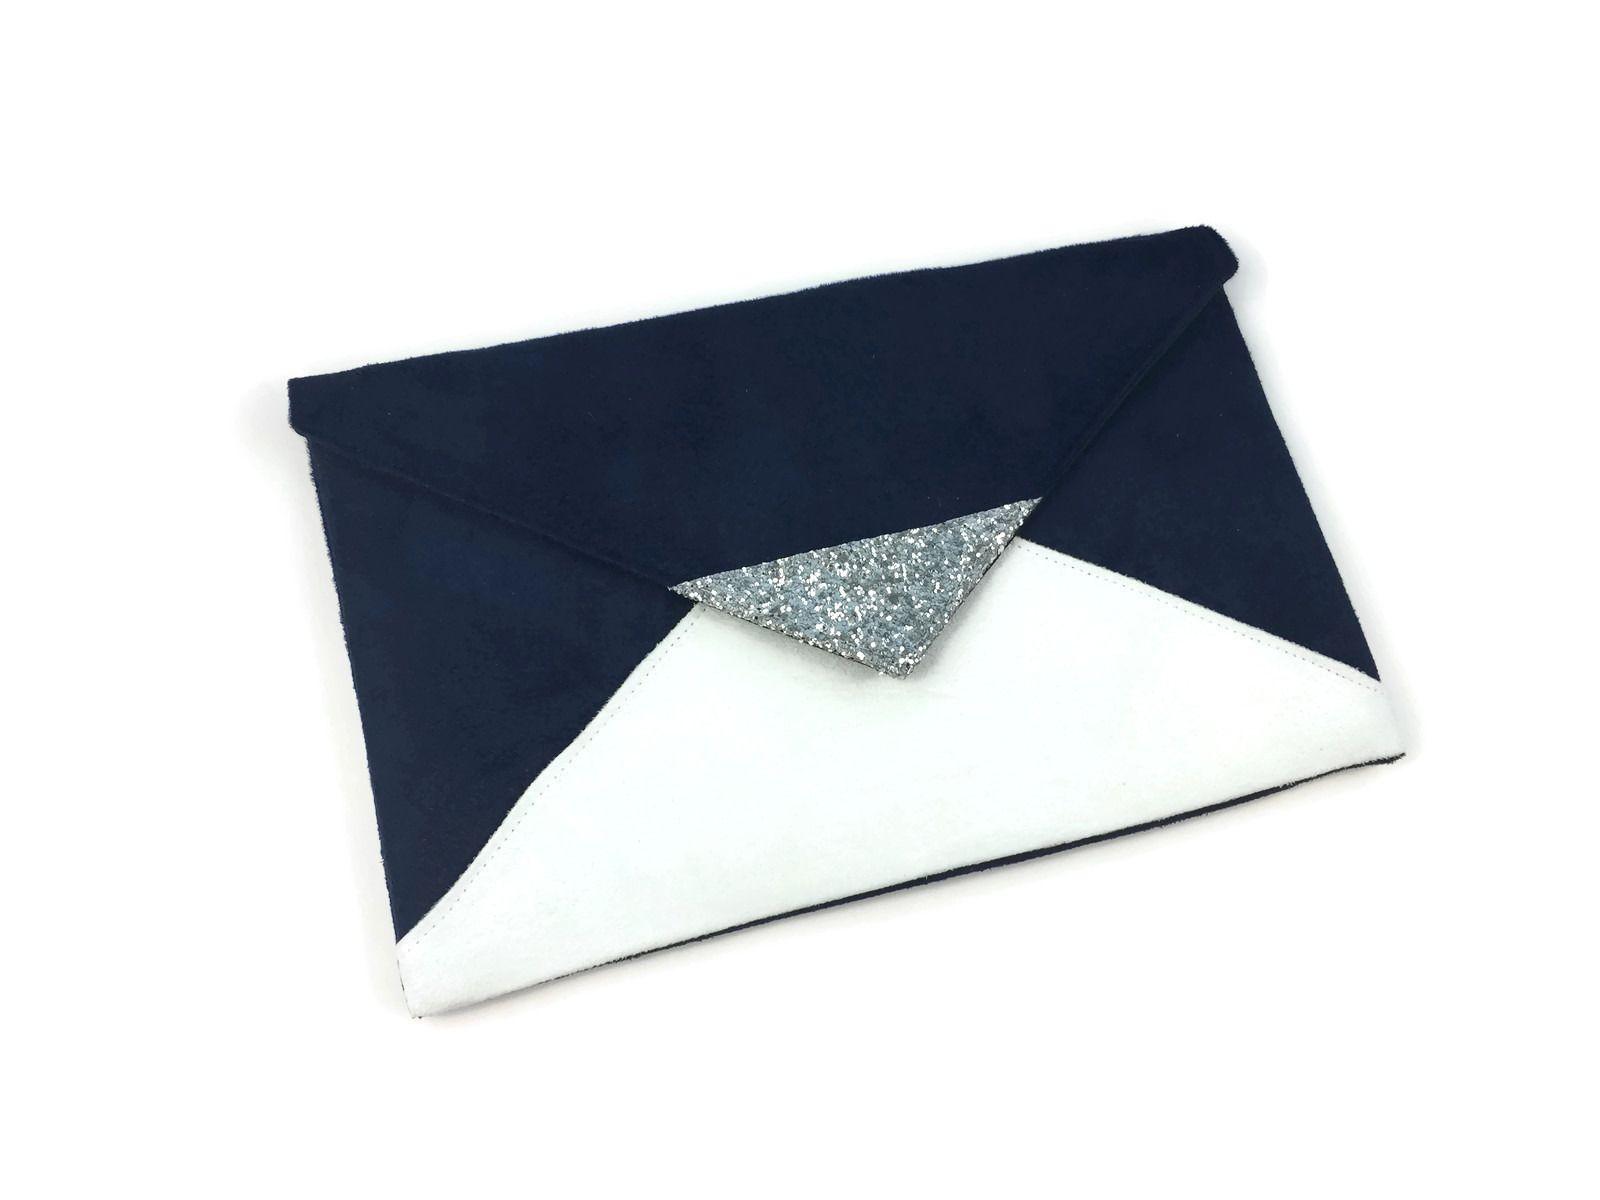 pochette de soir e mariage bleu marine et blanche en. Black Bedroom Furniture Sets. Home Design Ideas